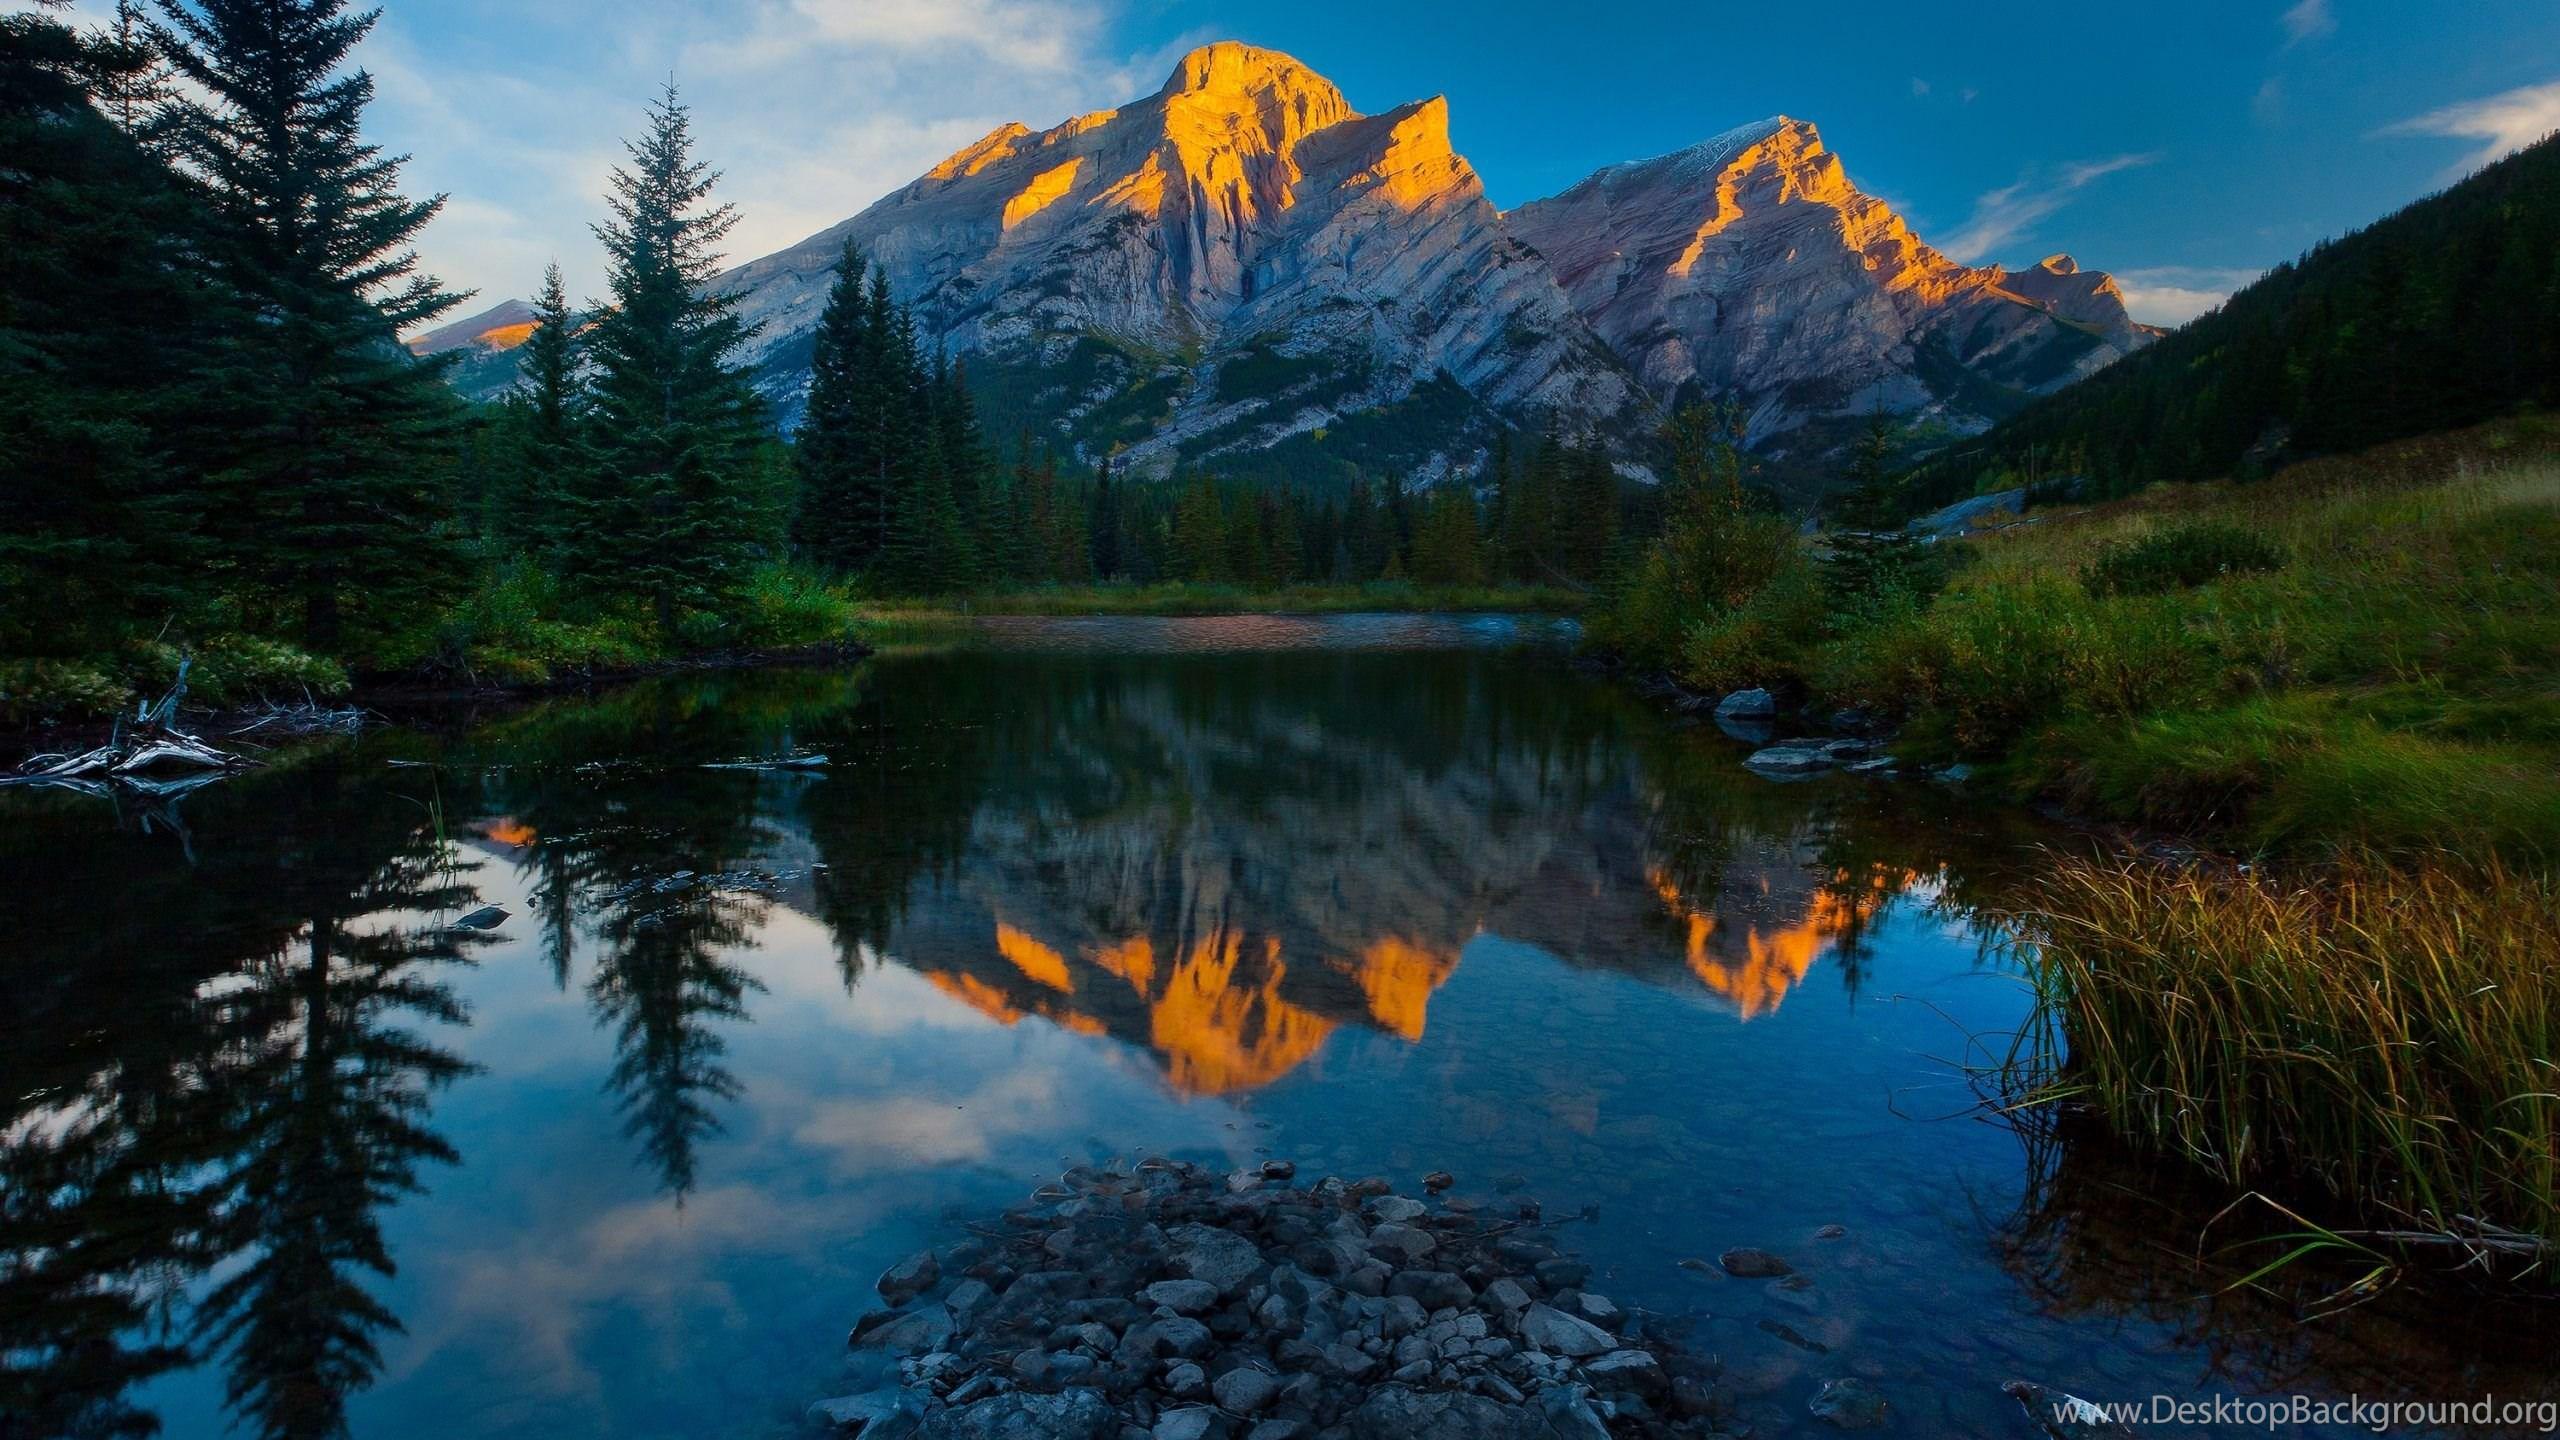 Beautiful Scenery Landscape Wallpapers Hd Download Desktop Desktop Background